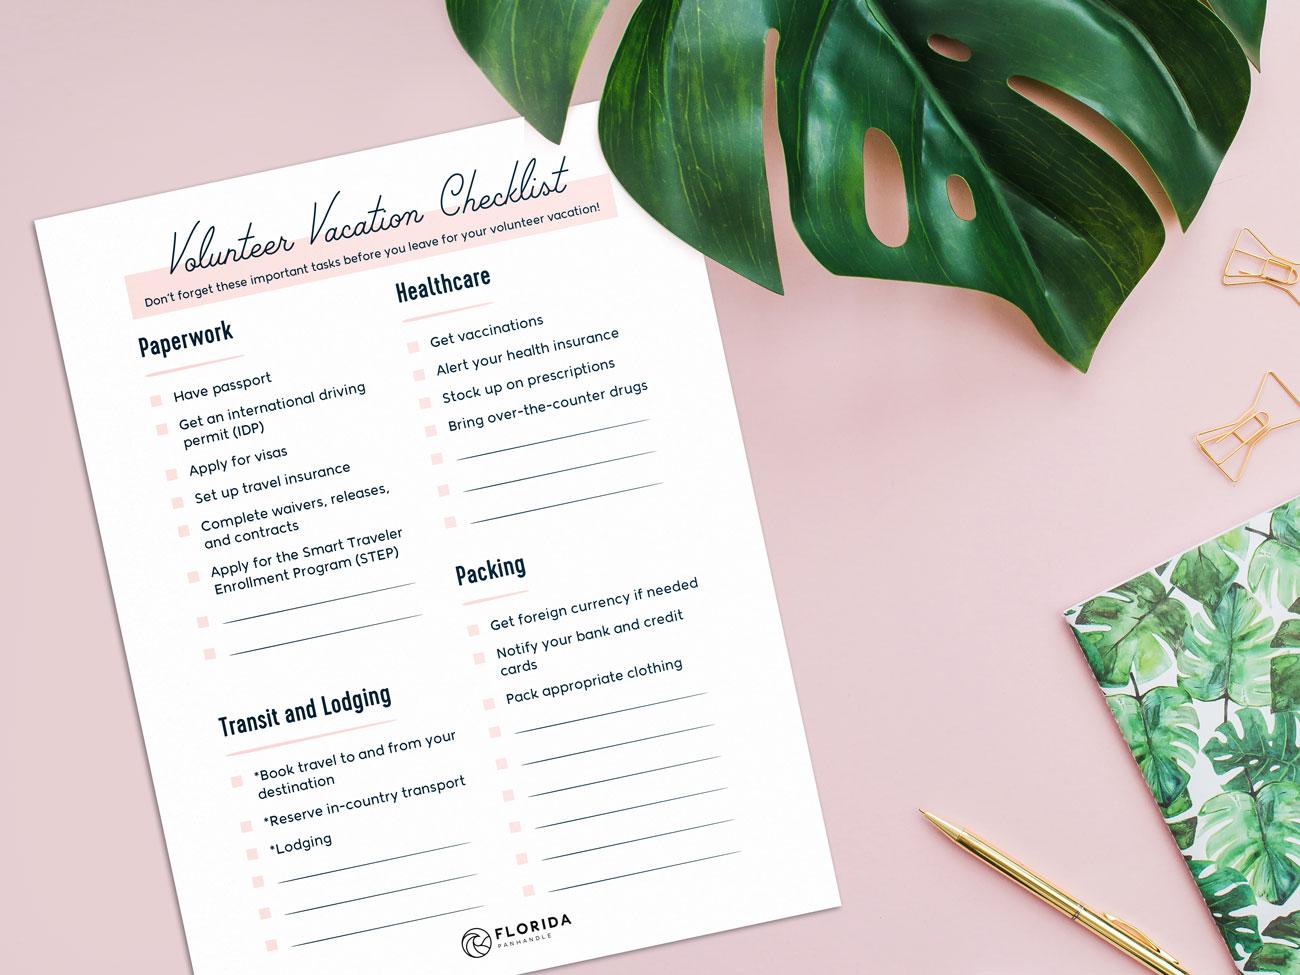 volunteer vacation checklist preview